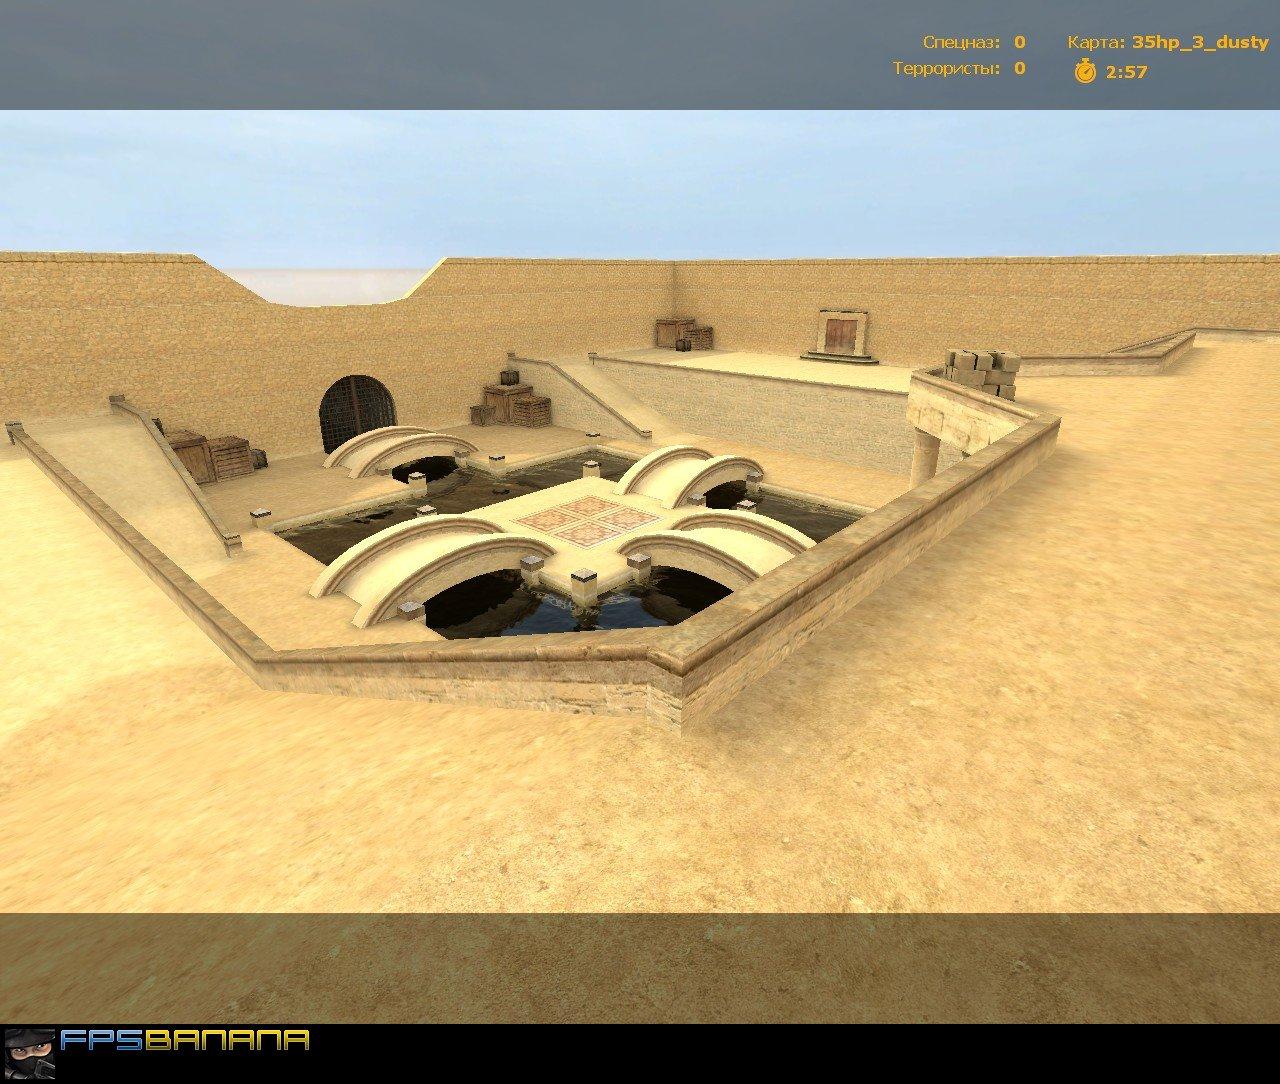 Скачать Карта 35hp_3_dusty для css